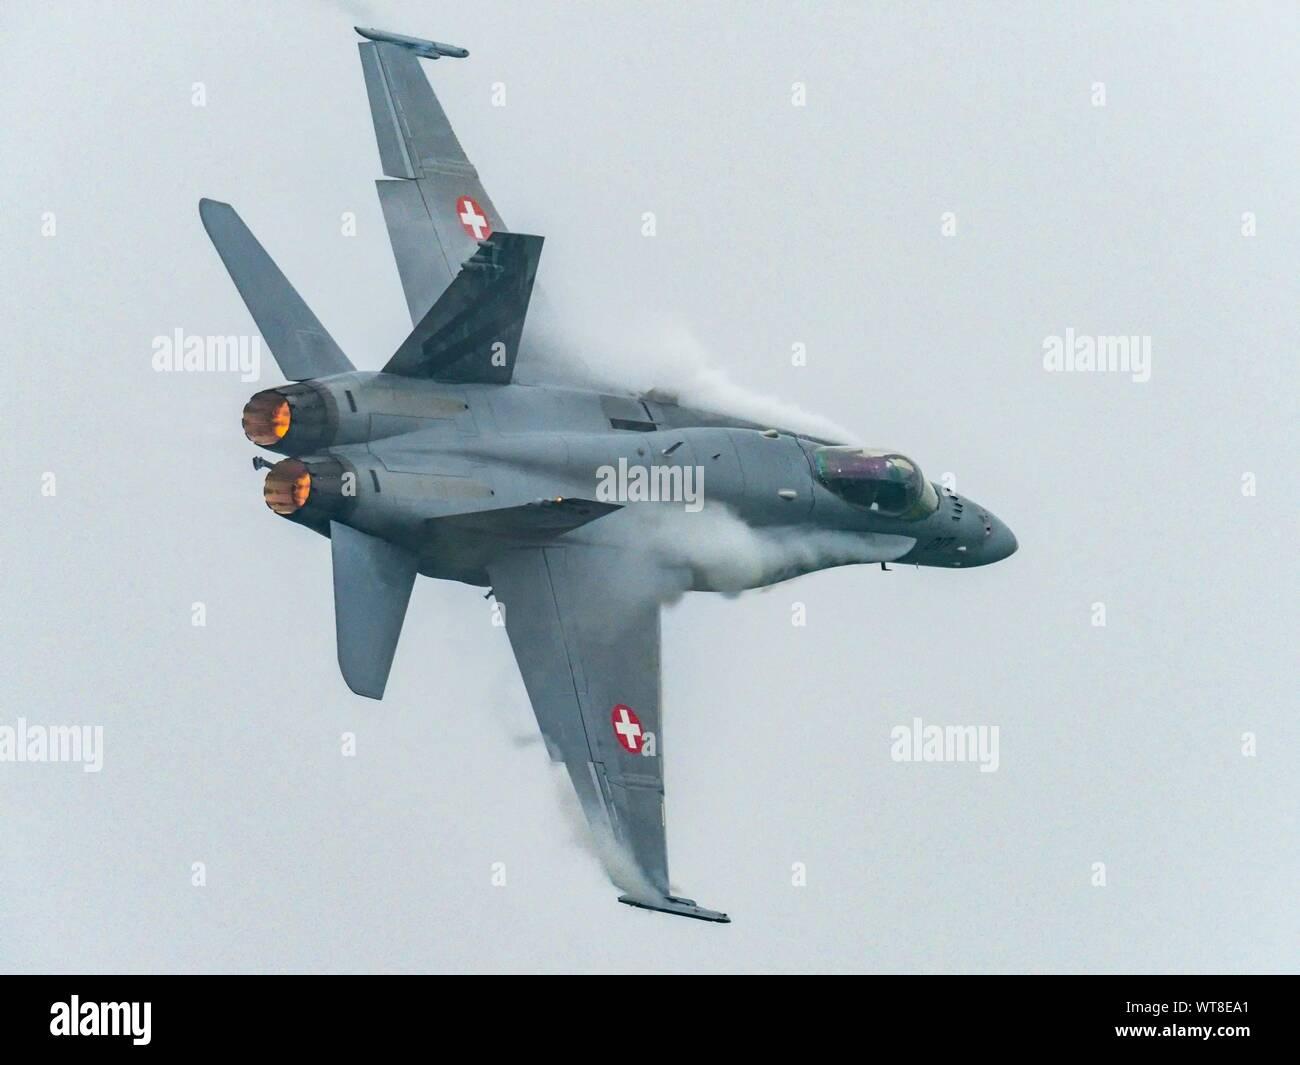 Airpower 2019 Zeltweg airshow Stock Photo